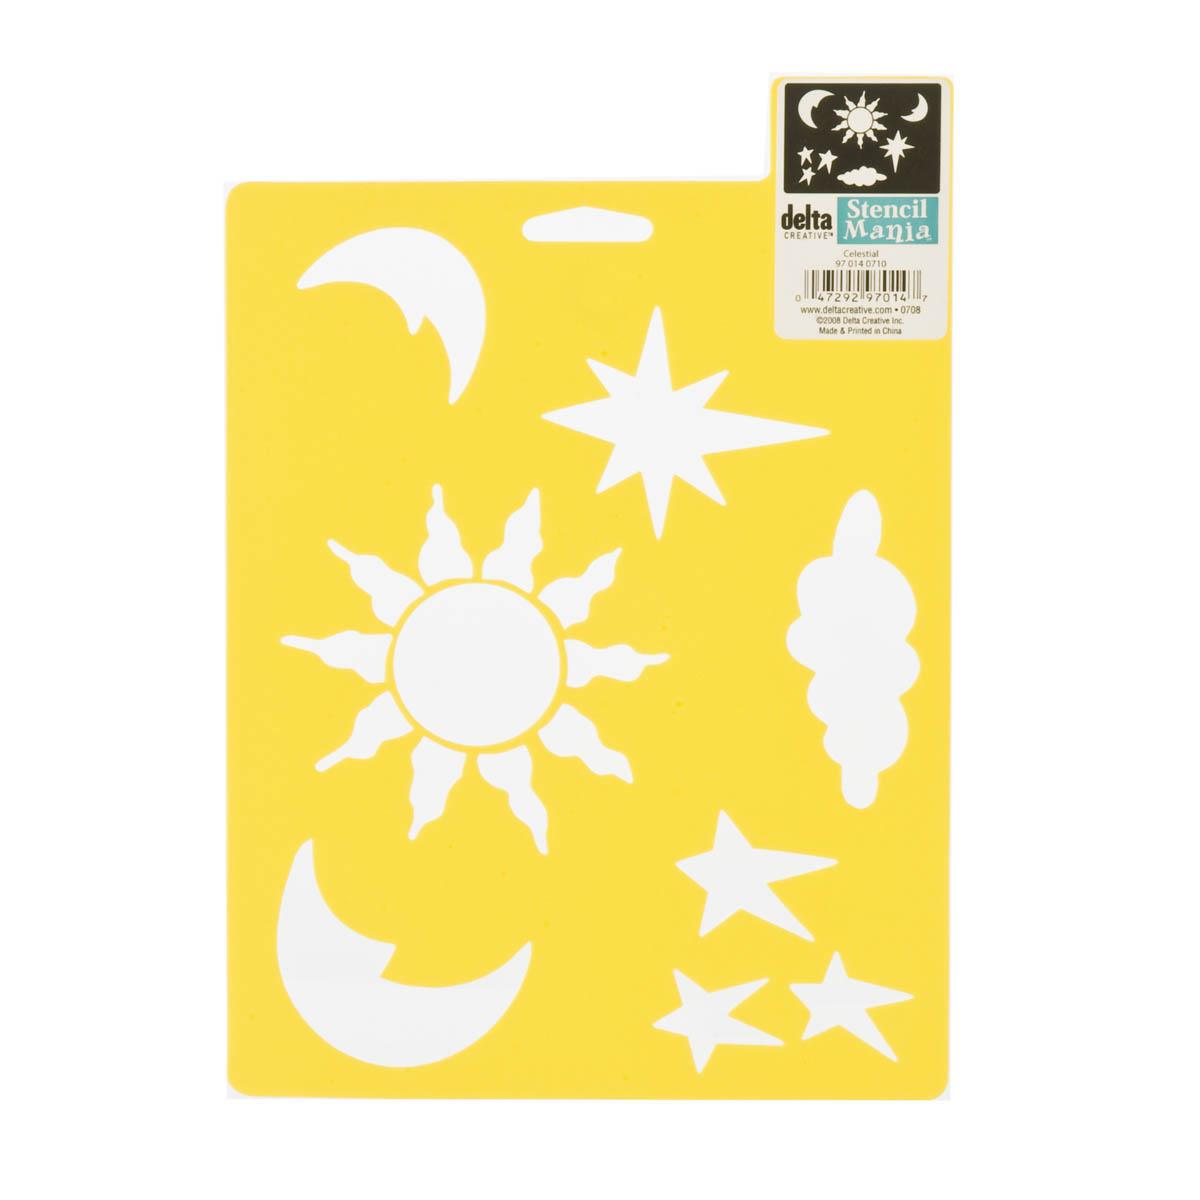 Delta Stencil Mania™ - Celestial - 970140710